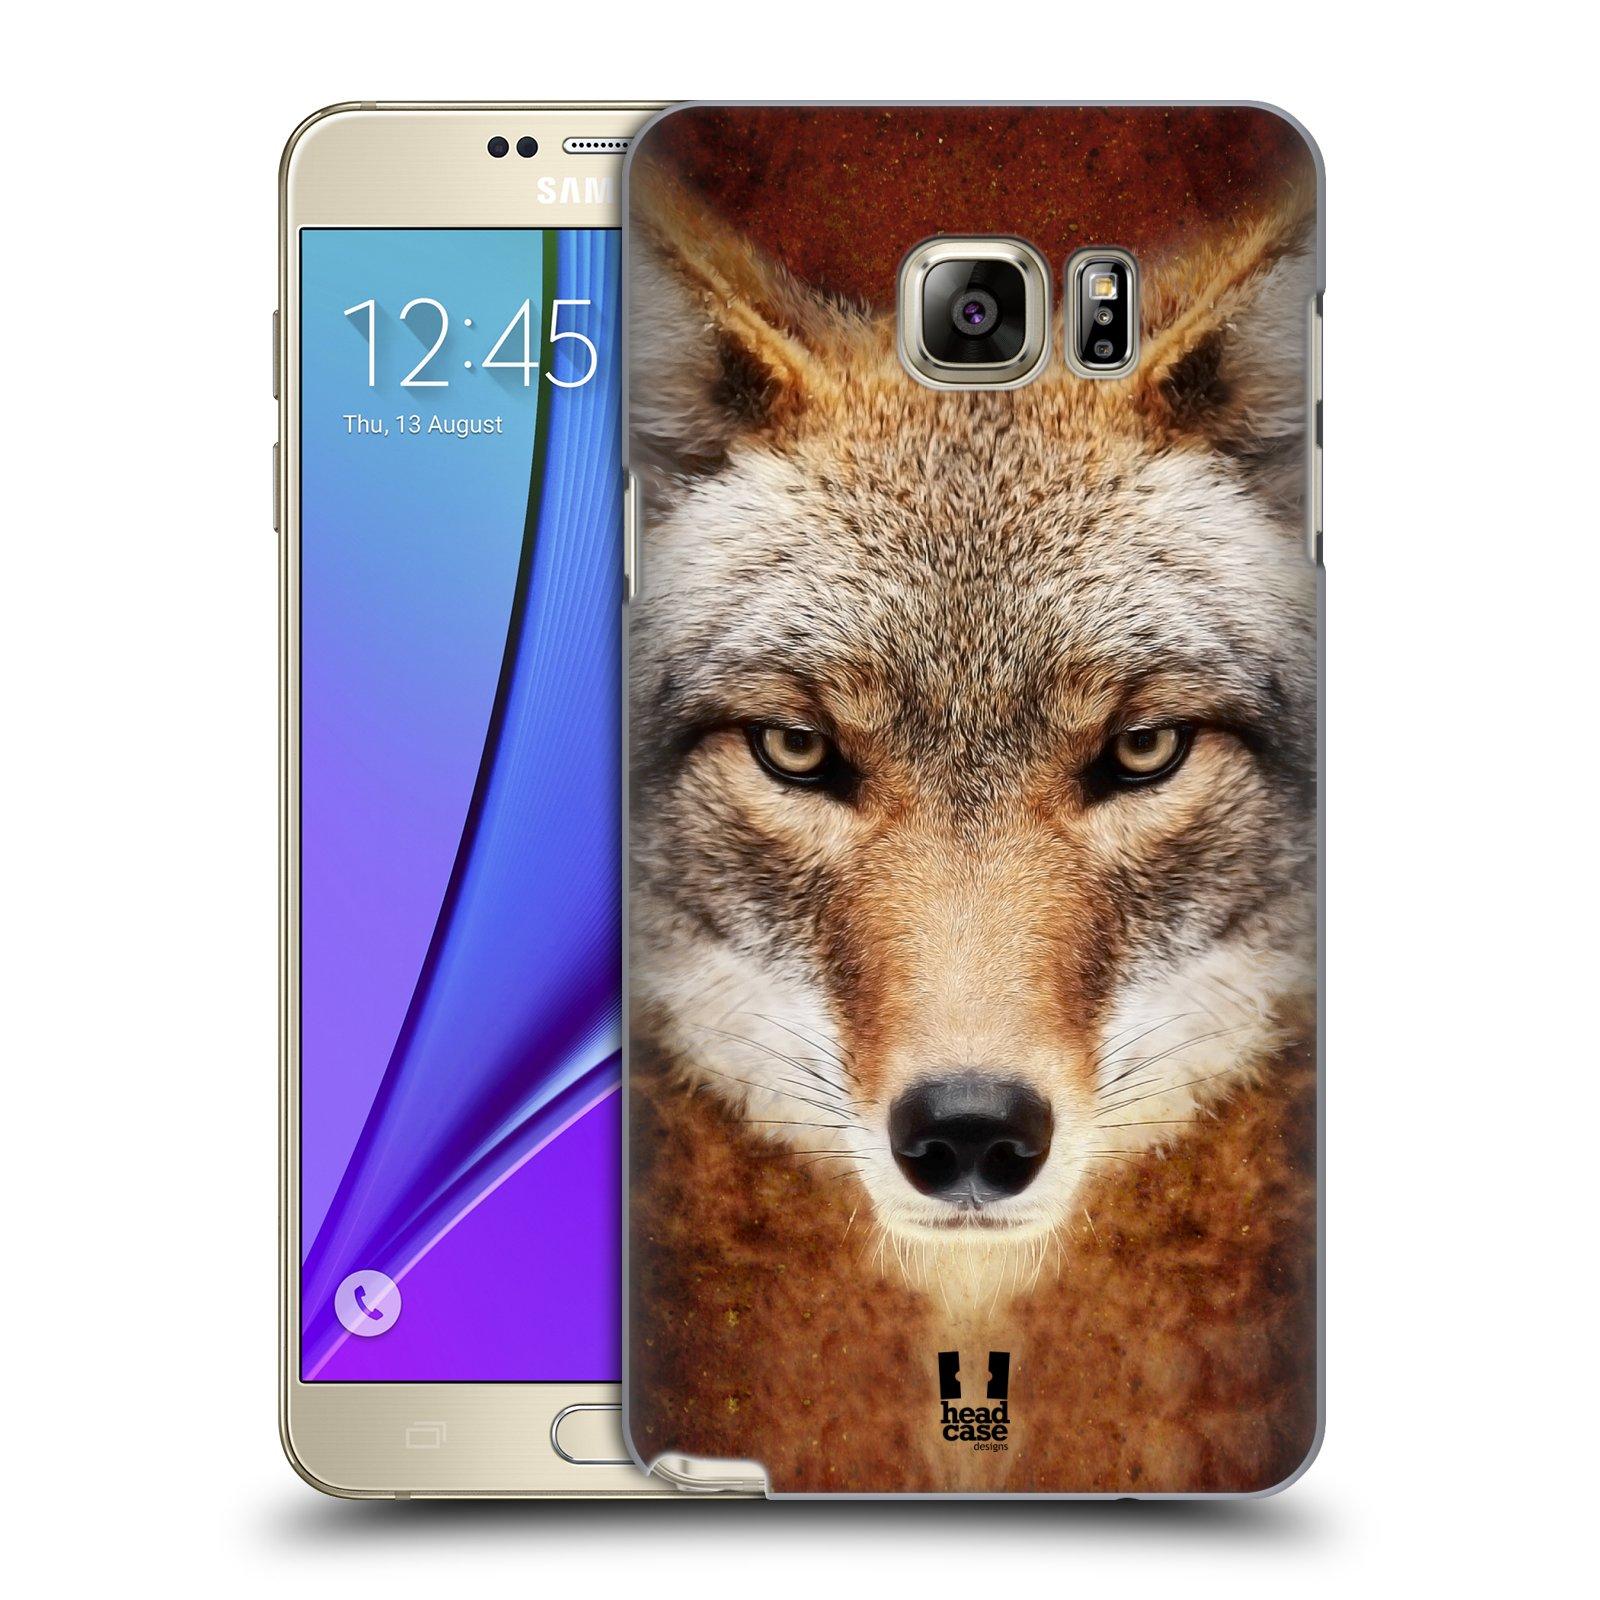 HEAD CASE plastový obal na mobil SAMSUNG Galaxy Note 5 (N920) vzor Zvířecí tváře kojot